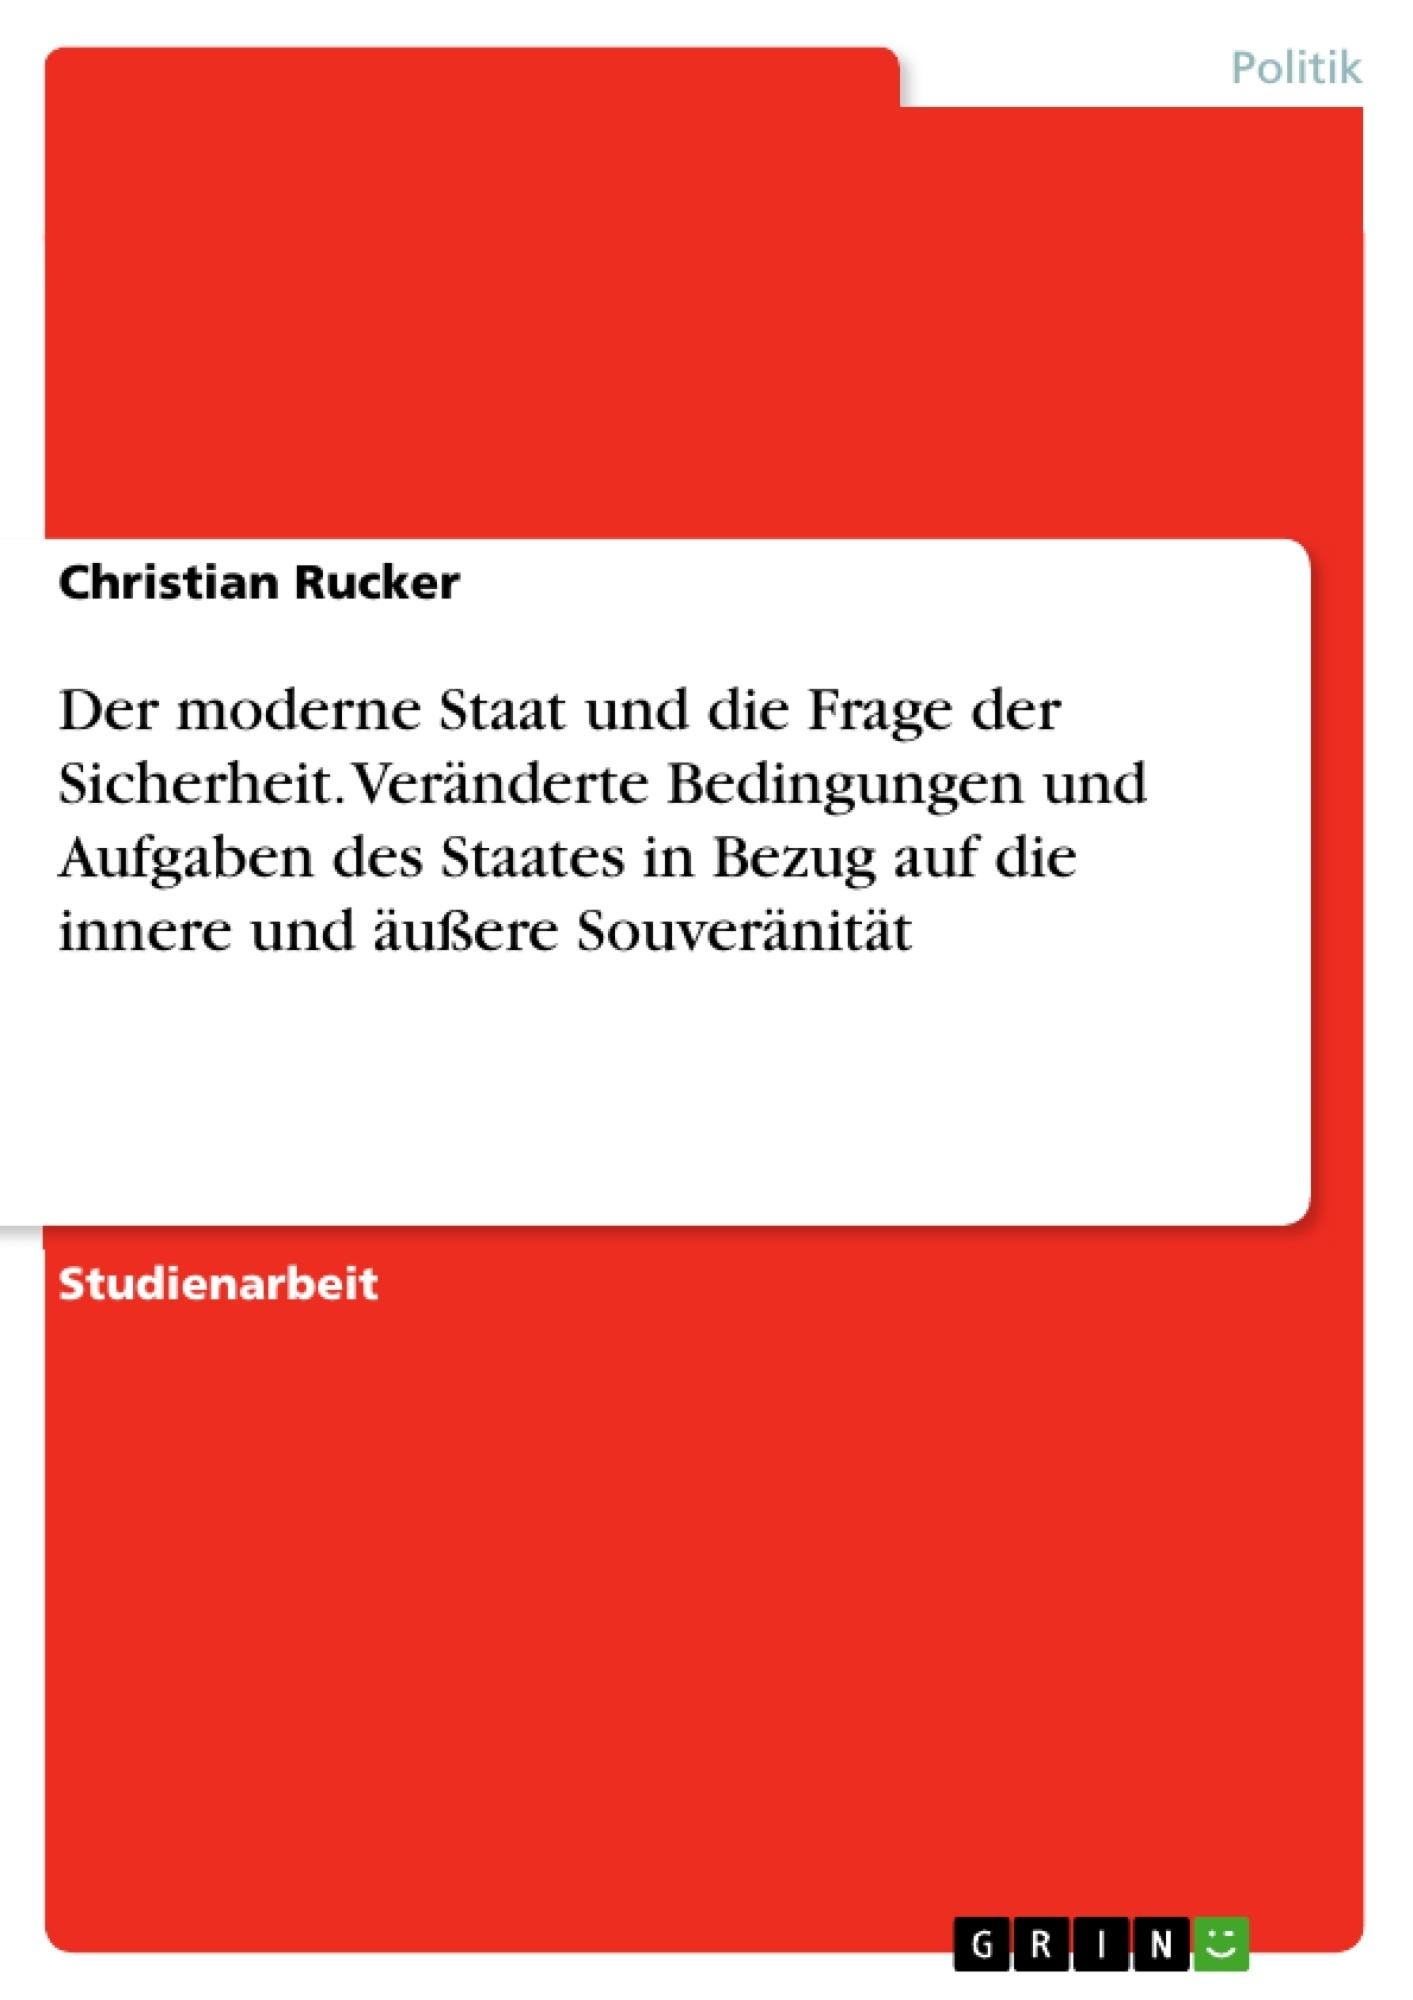 Titel: Der moderne Staat und die Frage der Sicherheit. Veränderte Bedingungen und Aufgaben des Staates in Bezug auf die innere und äußere Souveränität